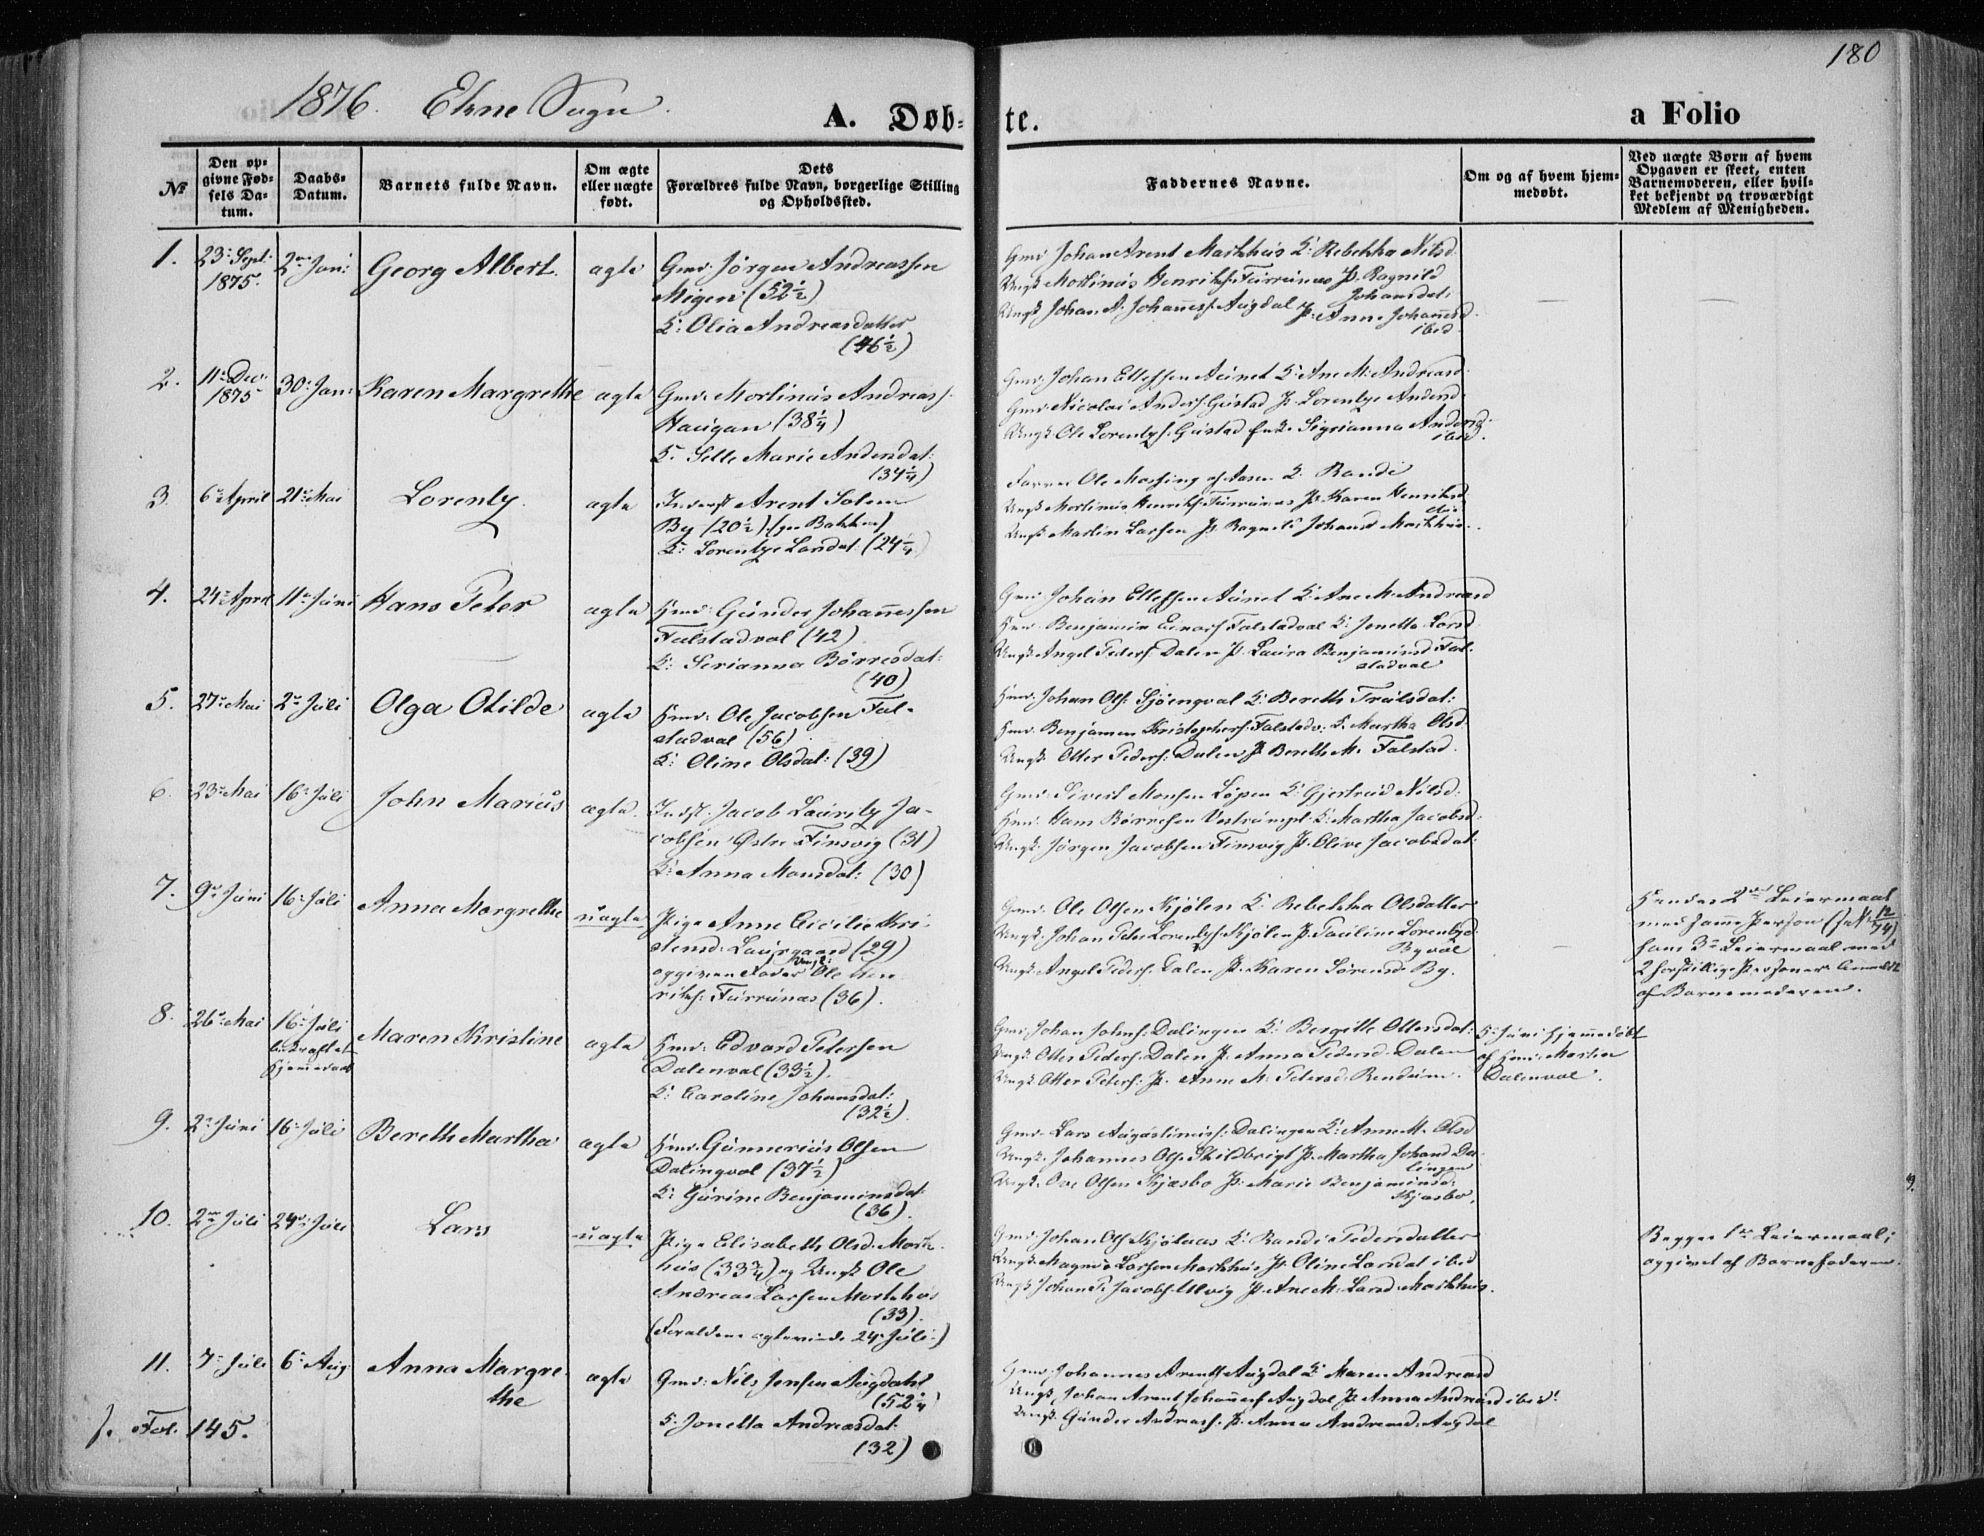 SAT, Ministerialprotokoller, klokkerbøker og fødselsregistre - Nord-Trøndelag, 717/L0158: Ministerialbok nr. 717A08 /2, 1863-1877, s. 180